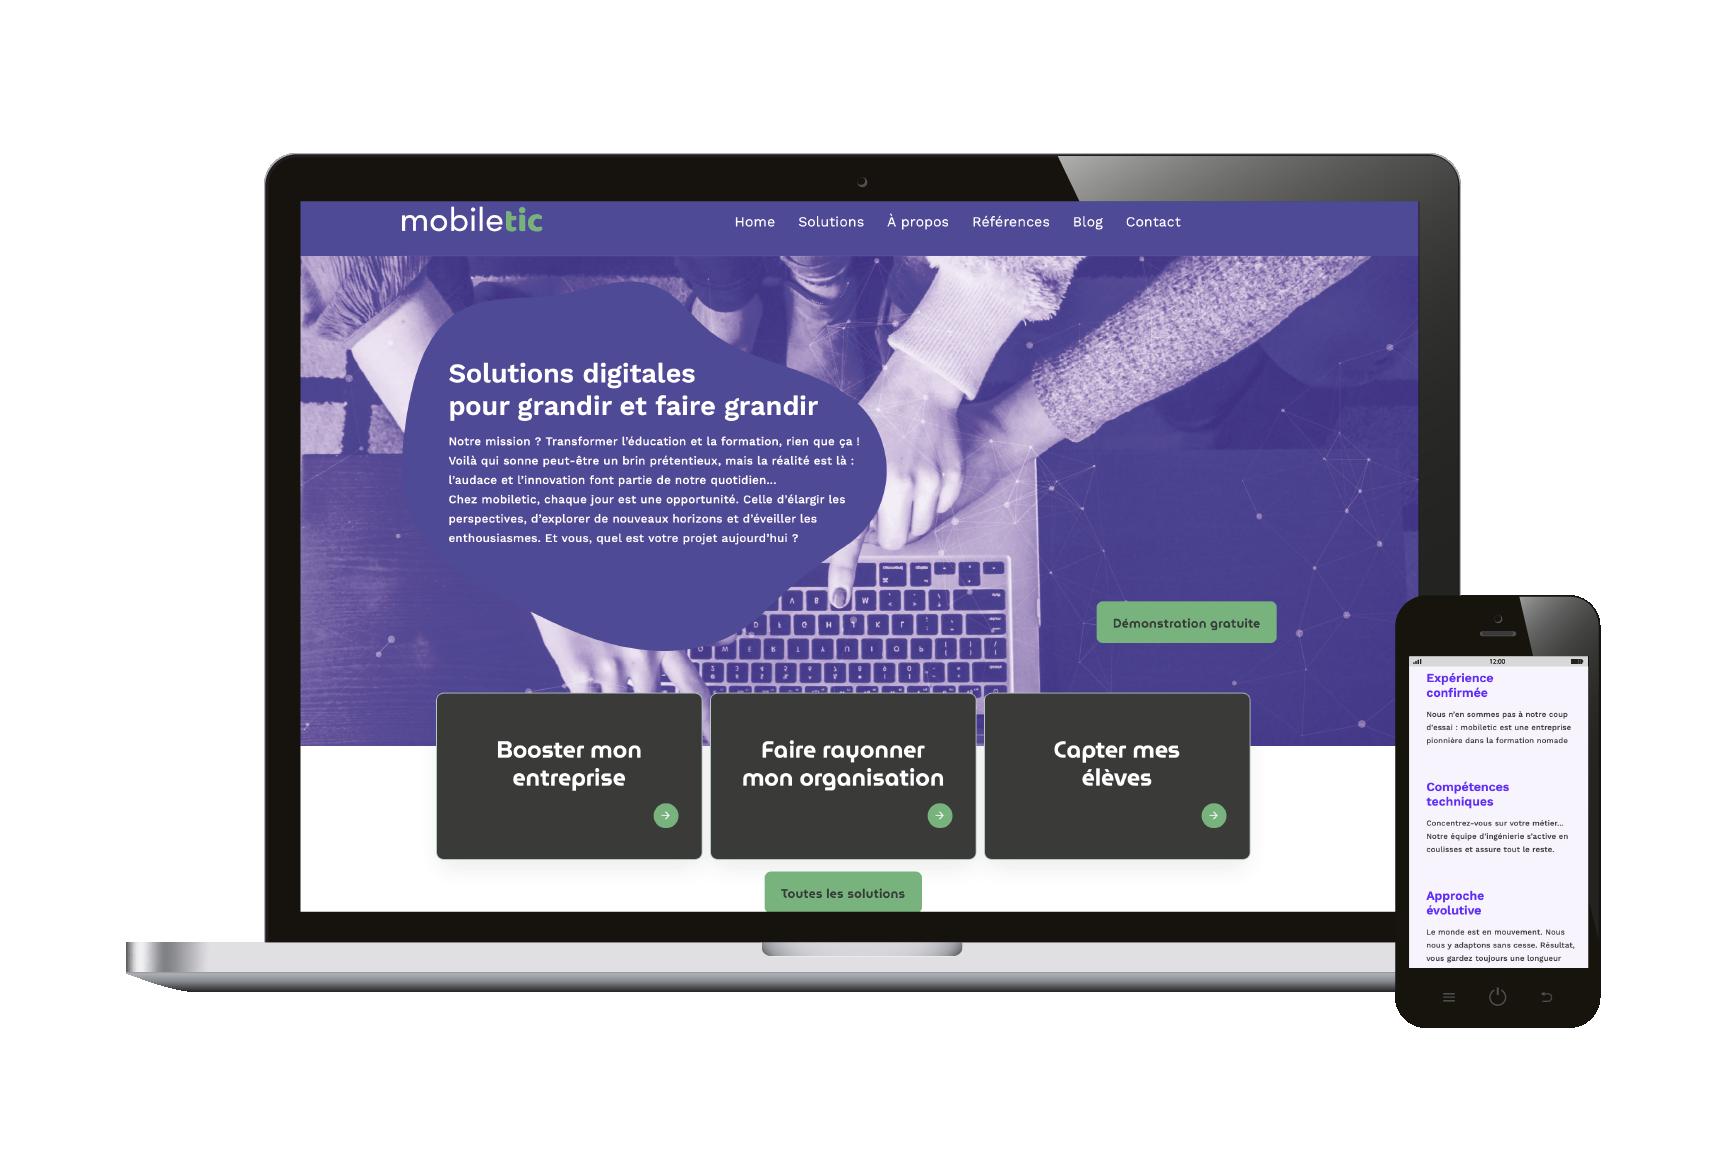 Contenus site web mobiletic